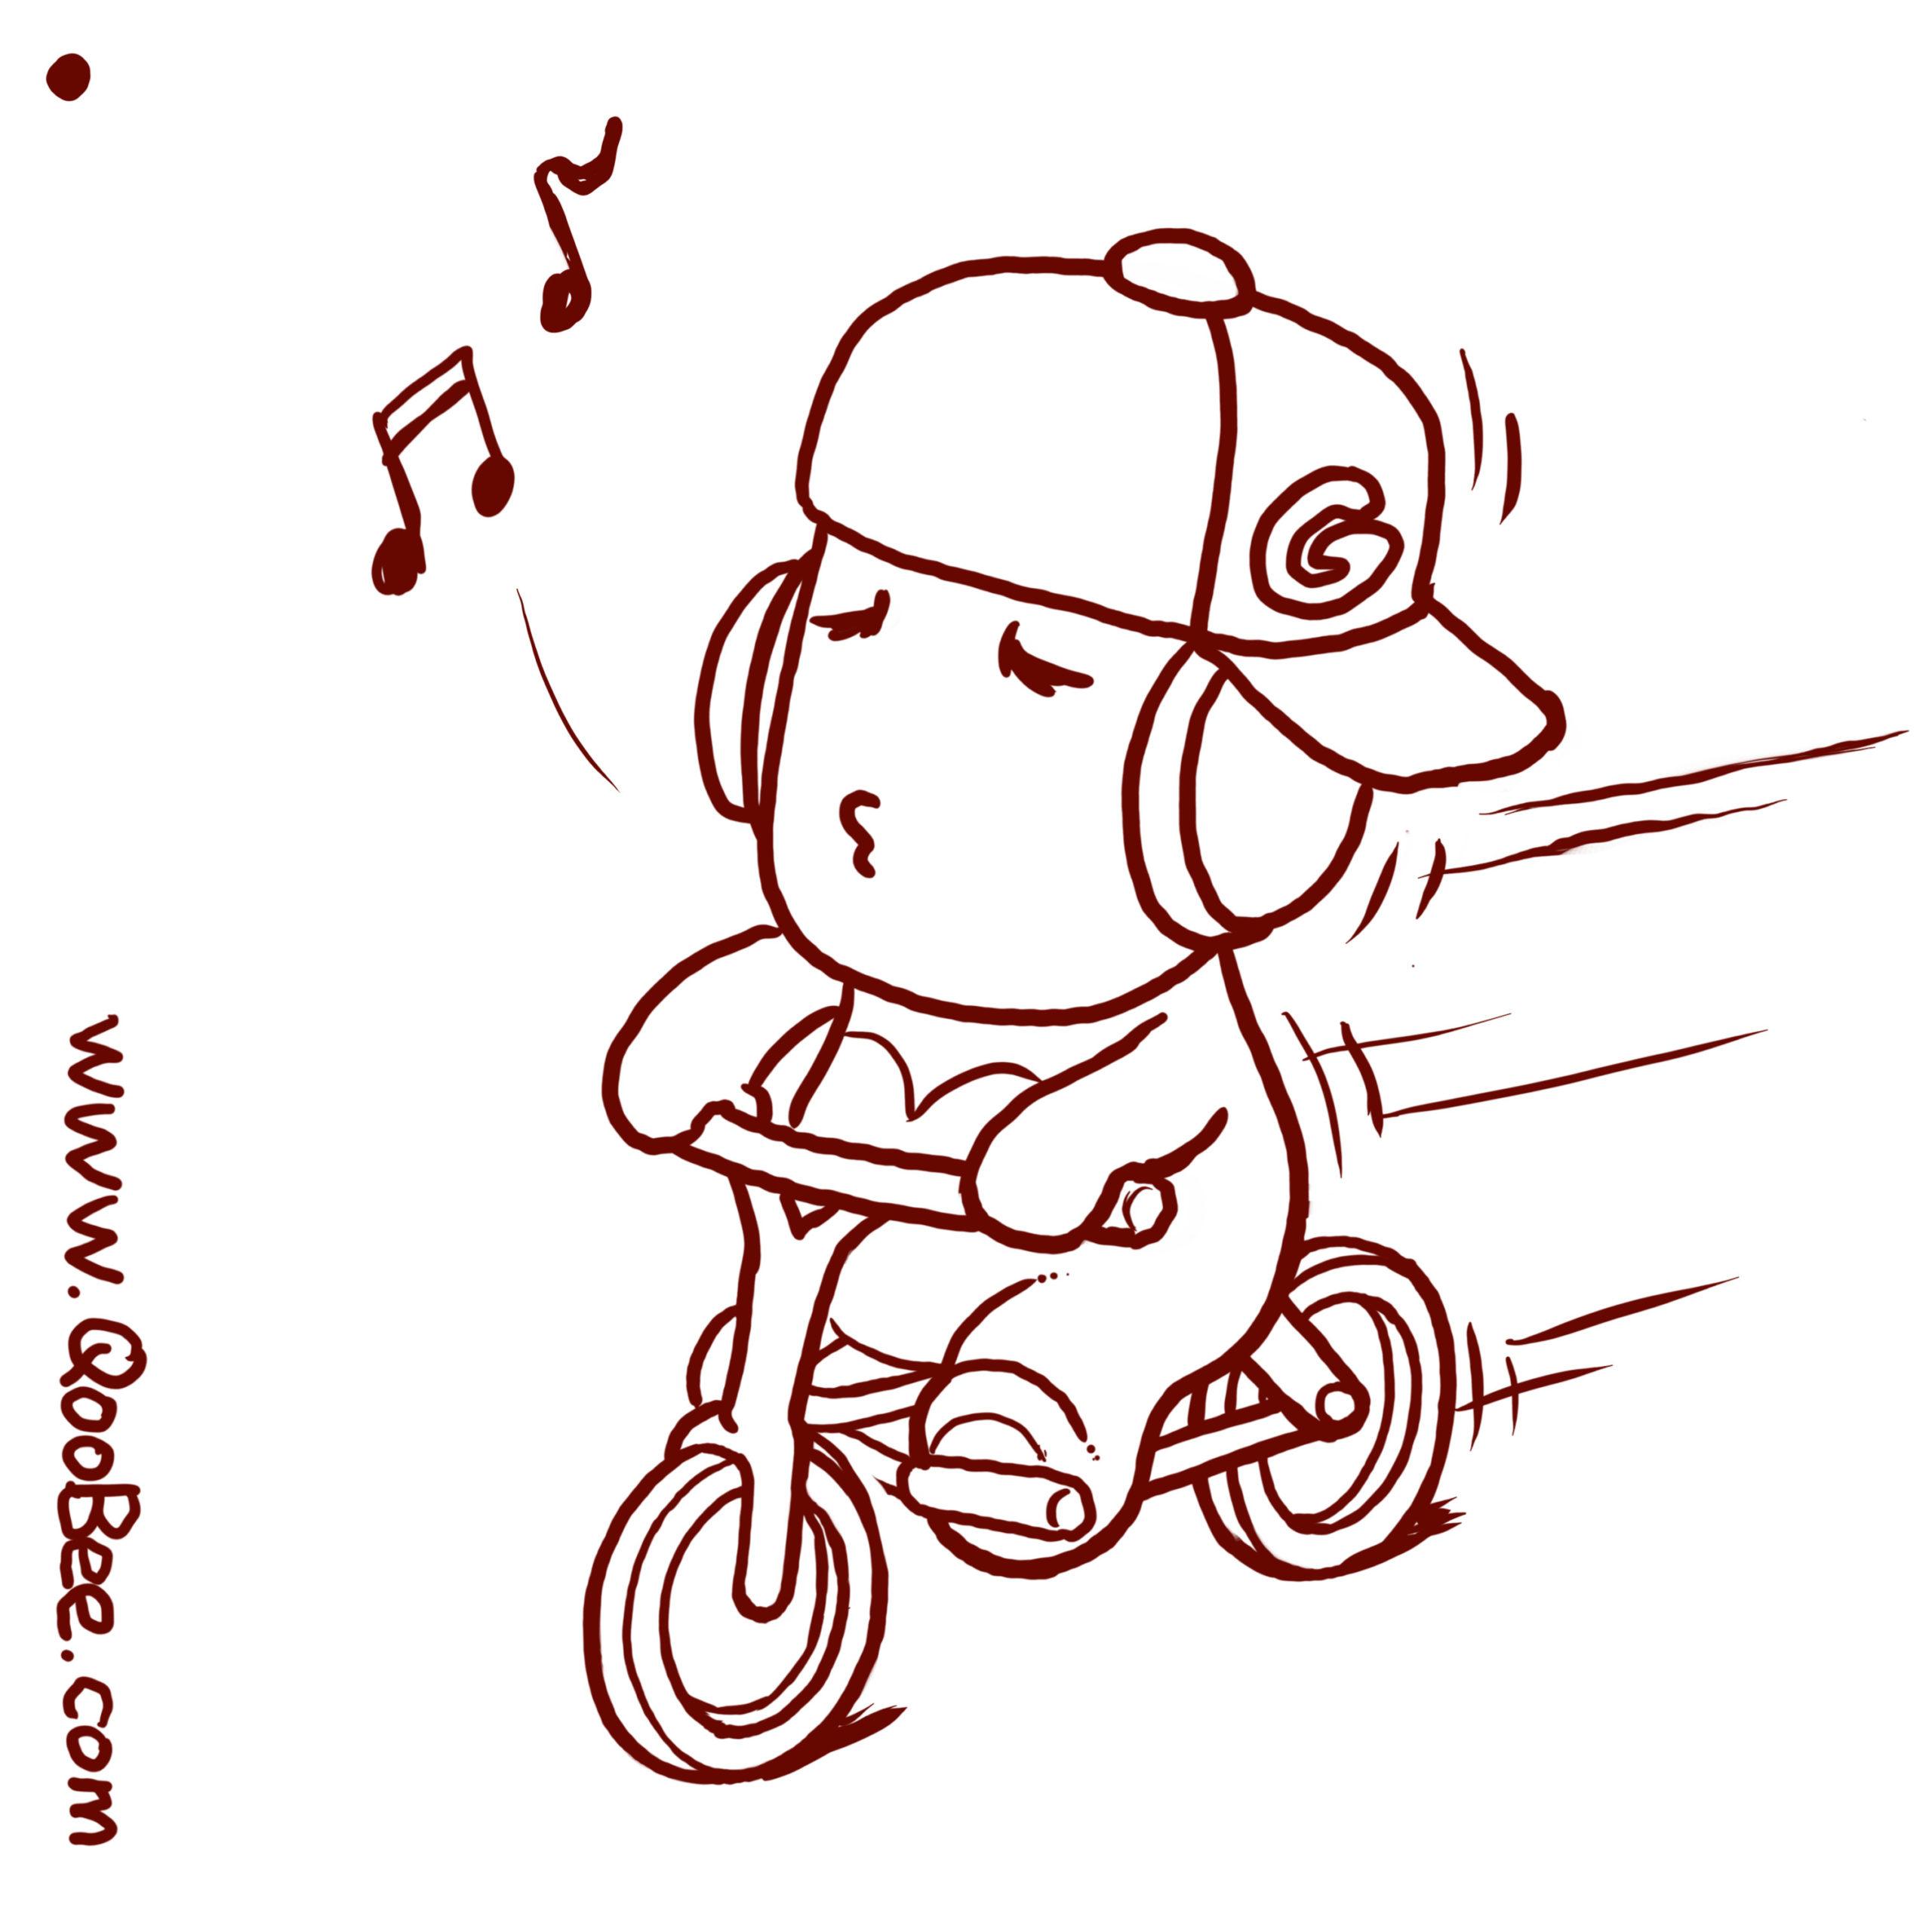 Qoobee comic 050719 1